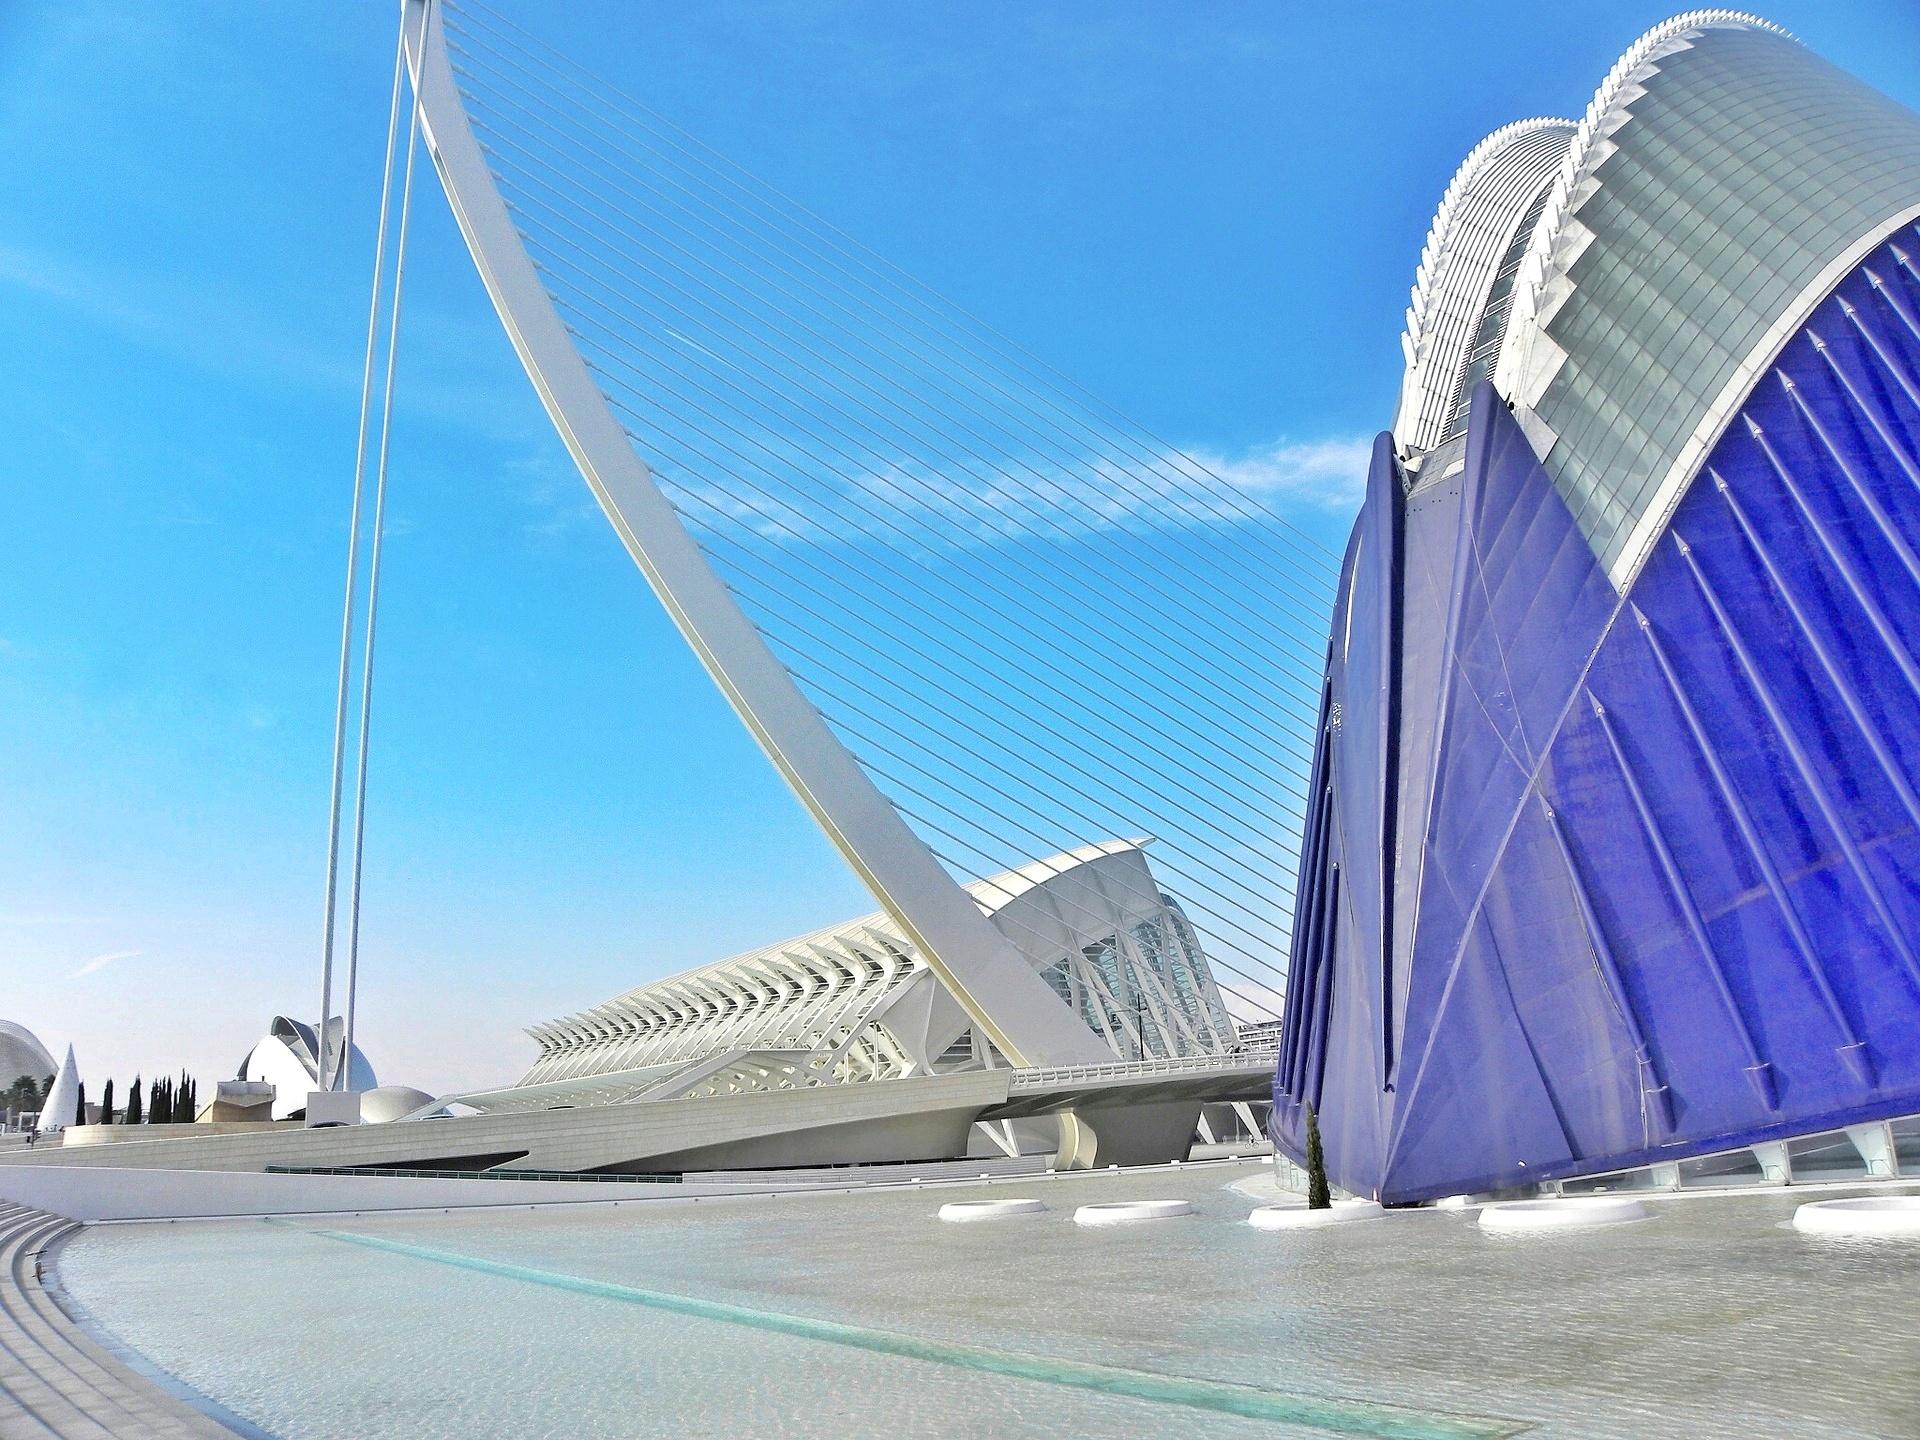 Valencia - Città delle Arti e delle Scienze - 43